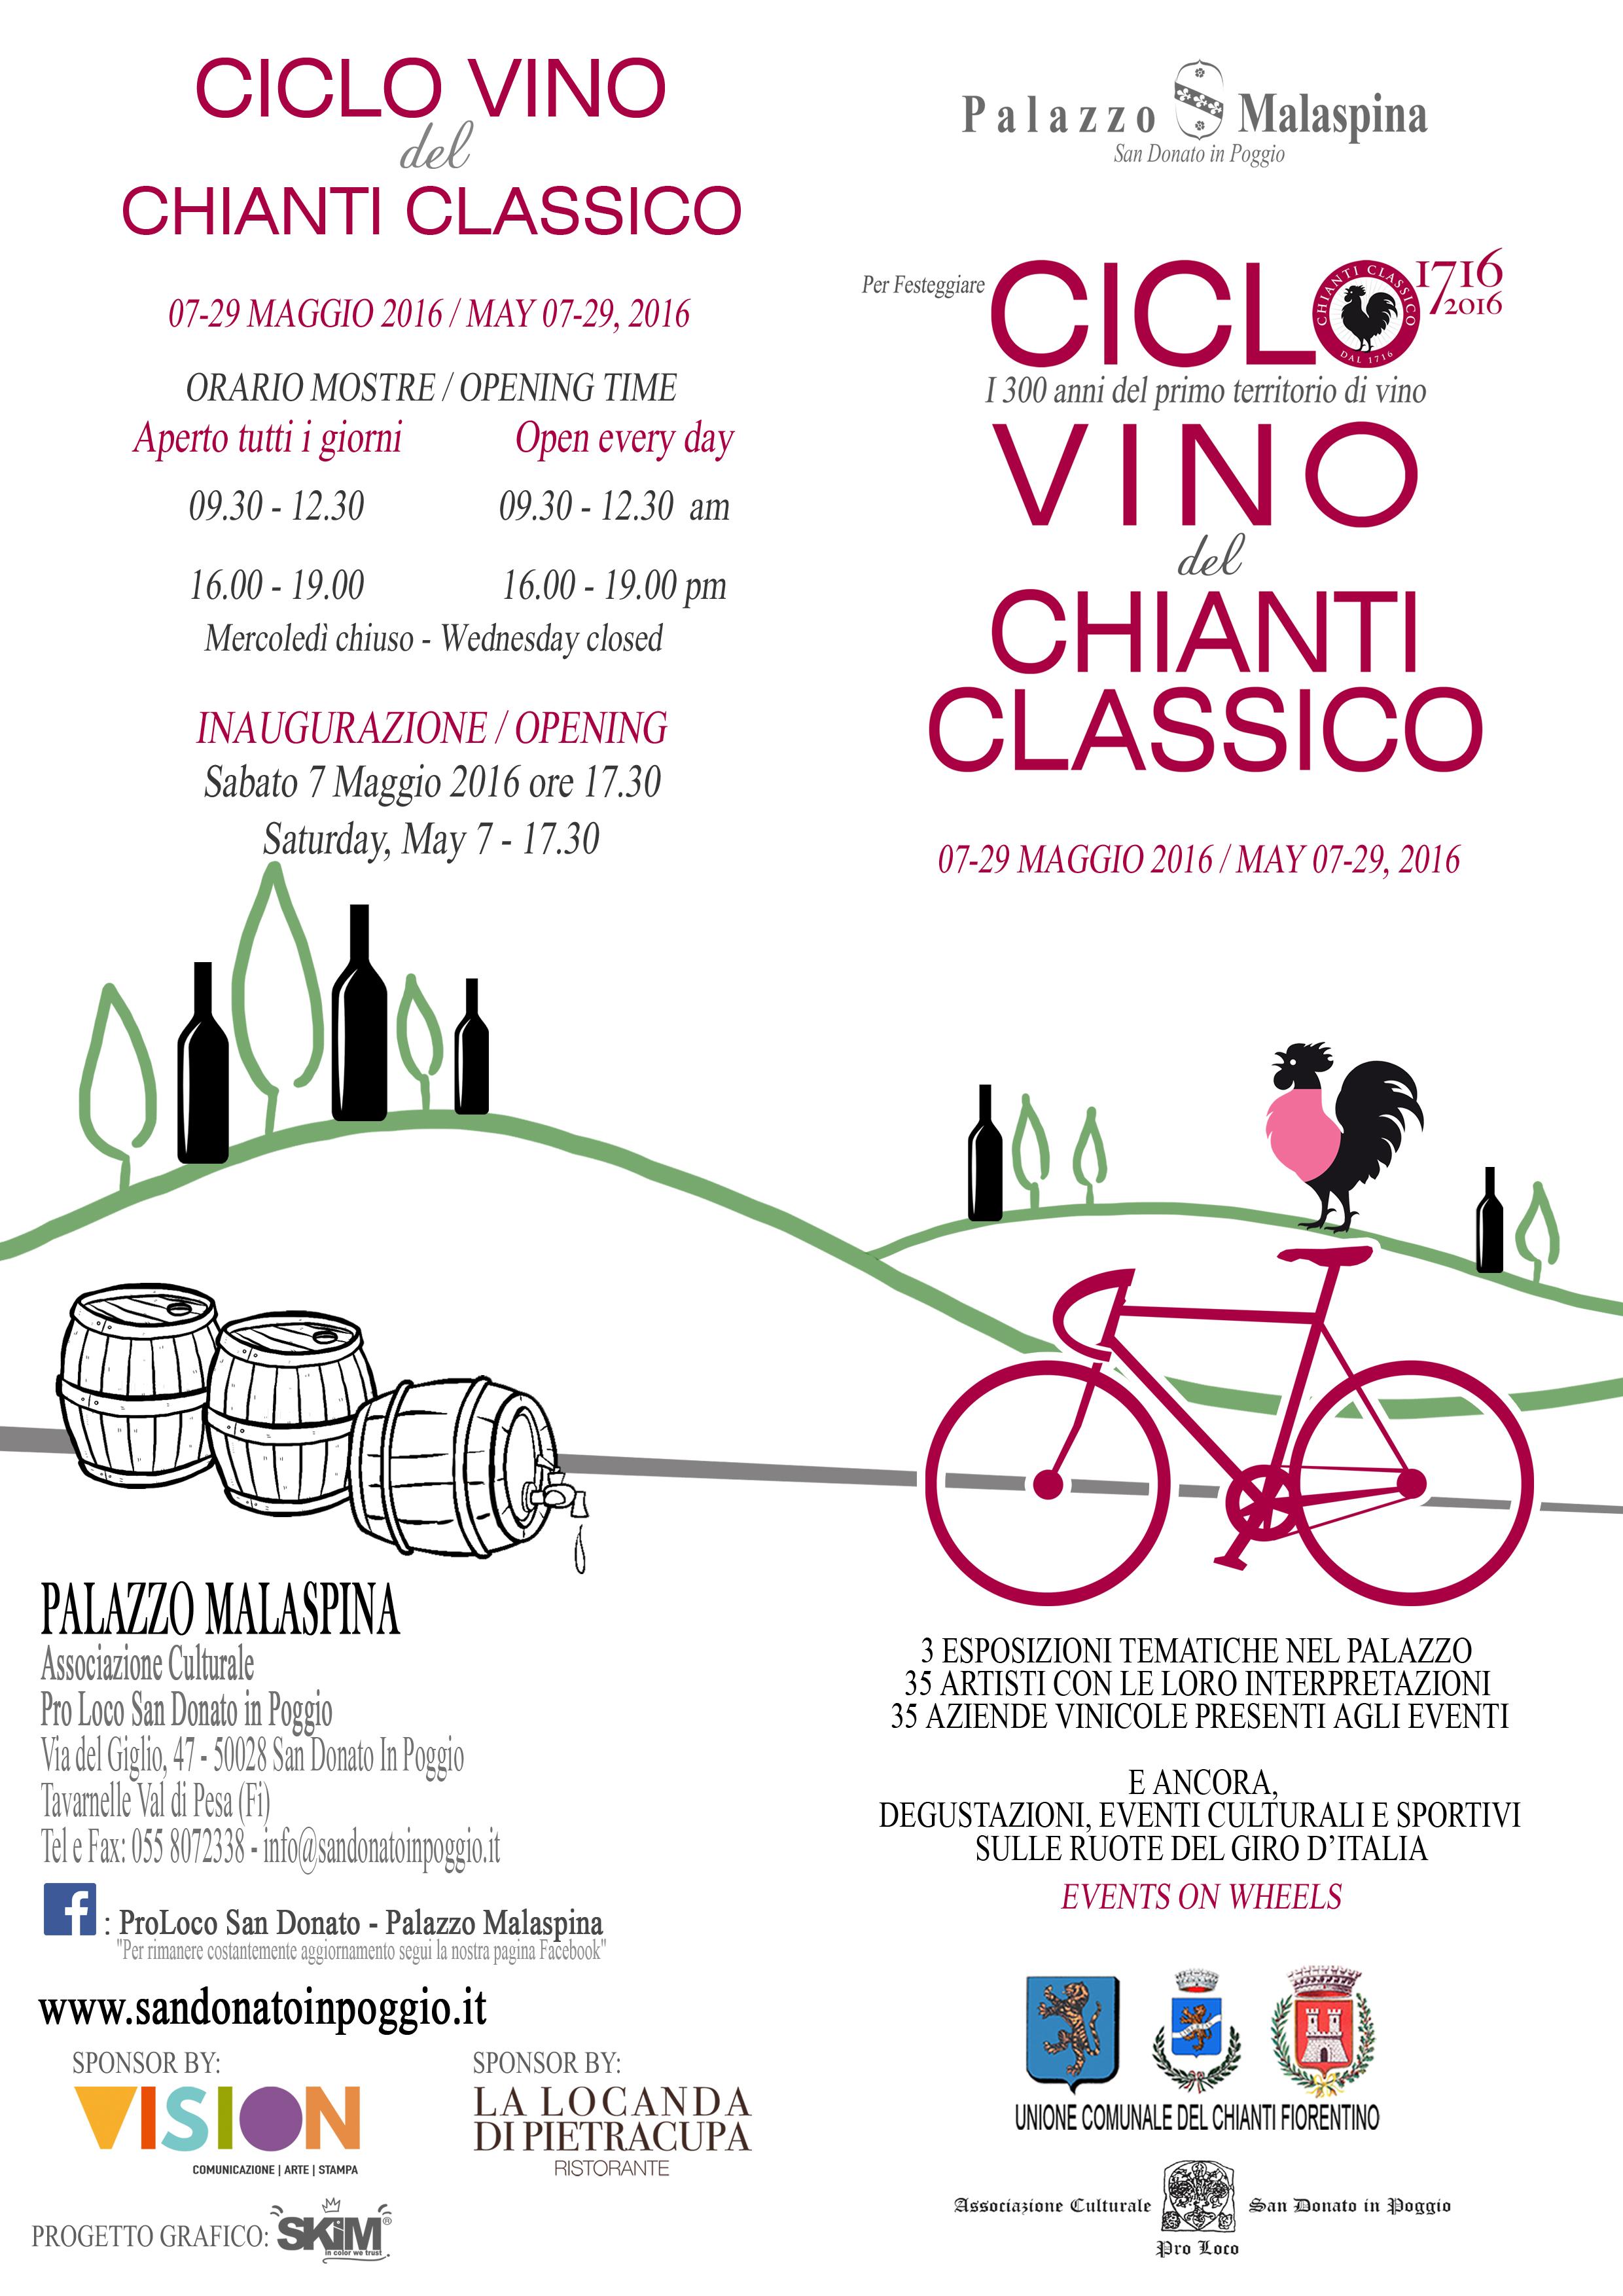 Ciclo vino del Chianti Classico